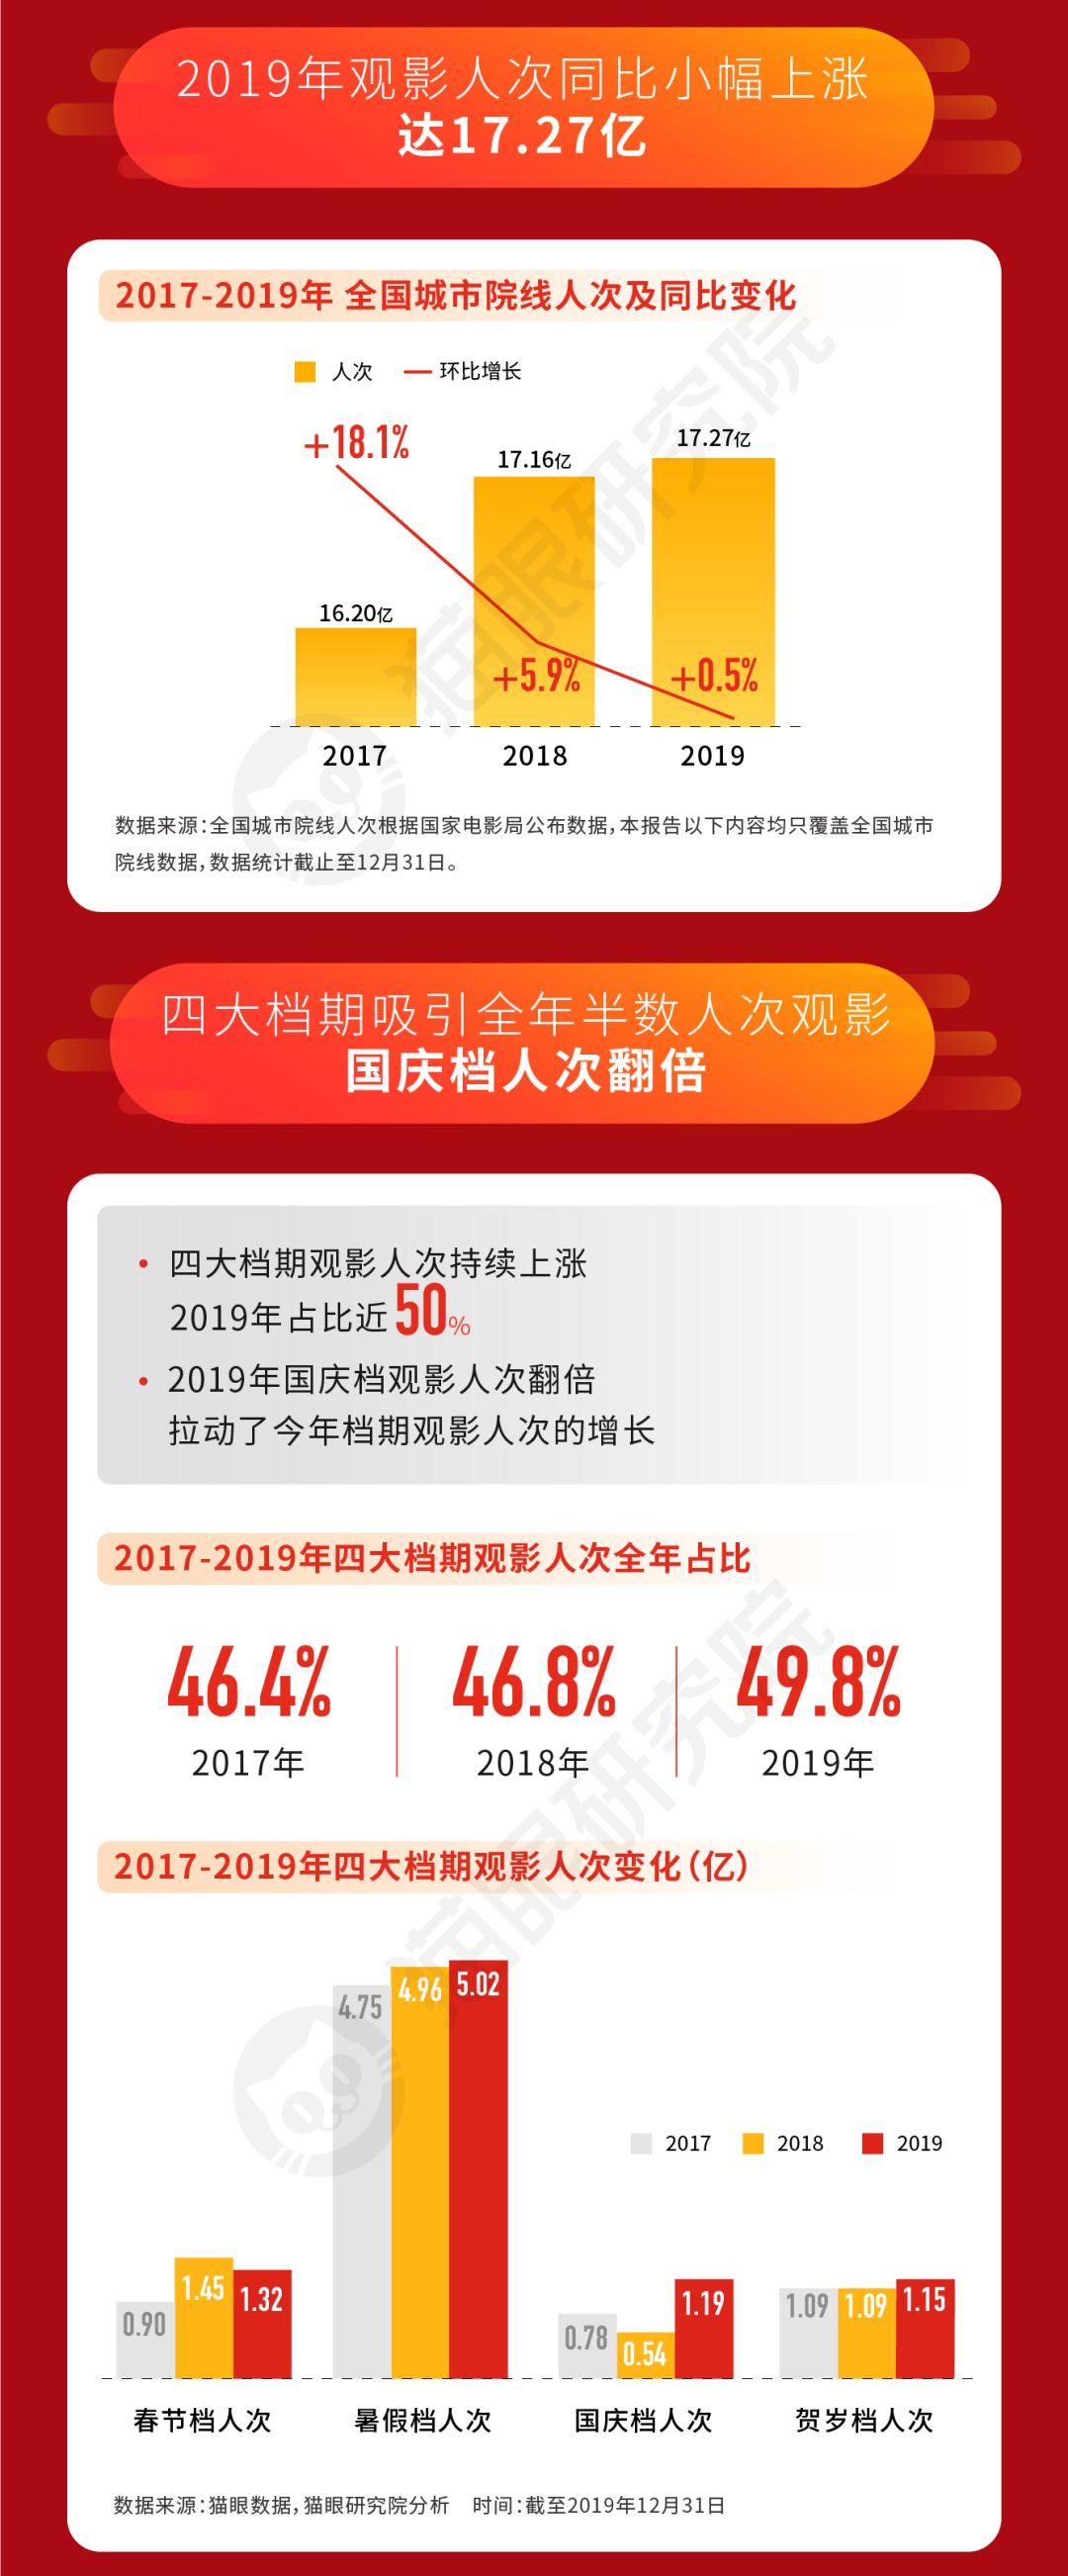 """42.66亿元年度票房背后,中国电影进入结构化增长时代"""""""